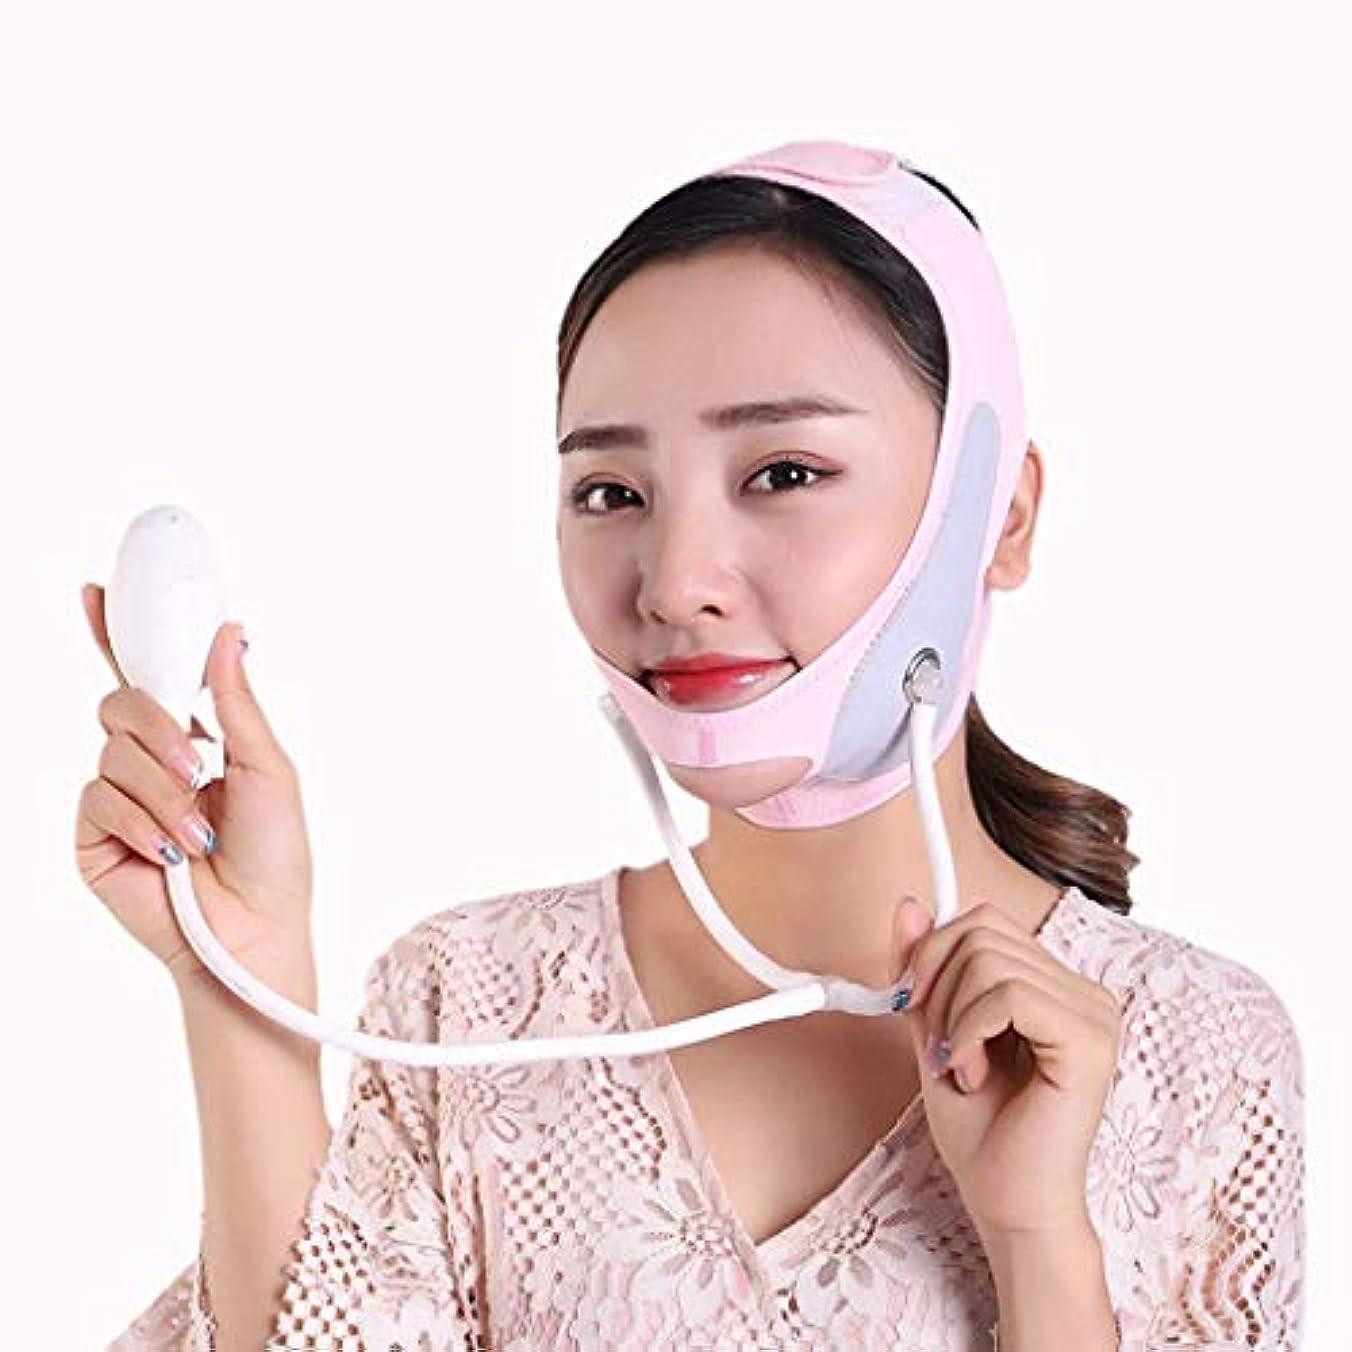 カラス香水下位インフレータブルフェイスリフティングマスク、リフティング&タイトニング、フェイスリフティング包帯、ダブルチン、シンフェイスバンド(サイズ:M),L